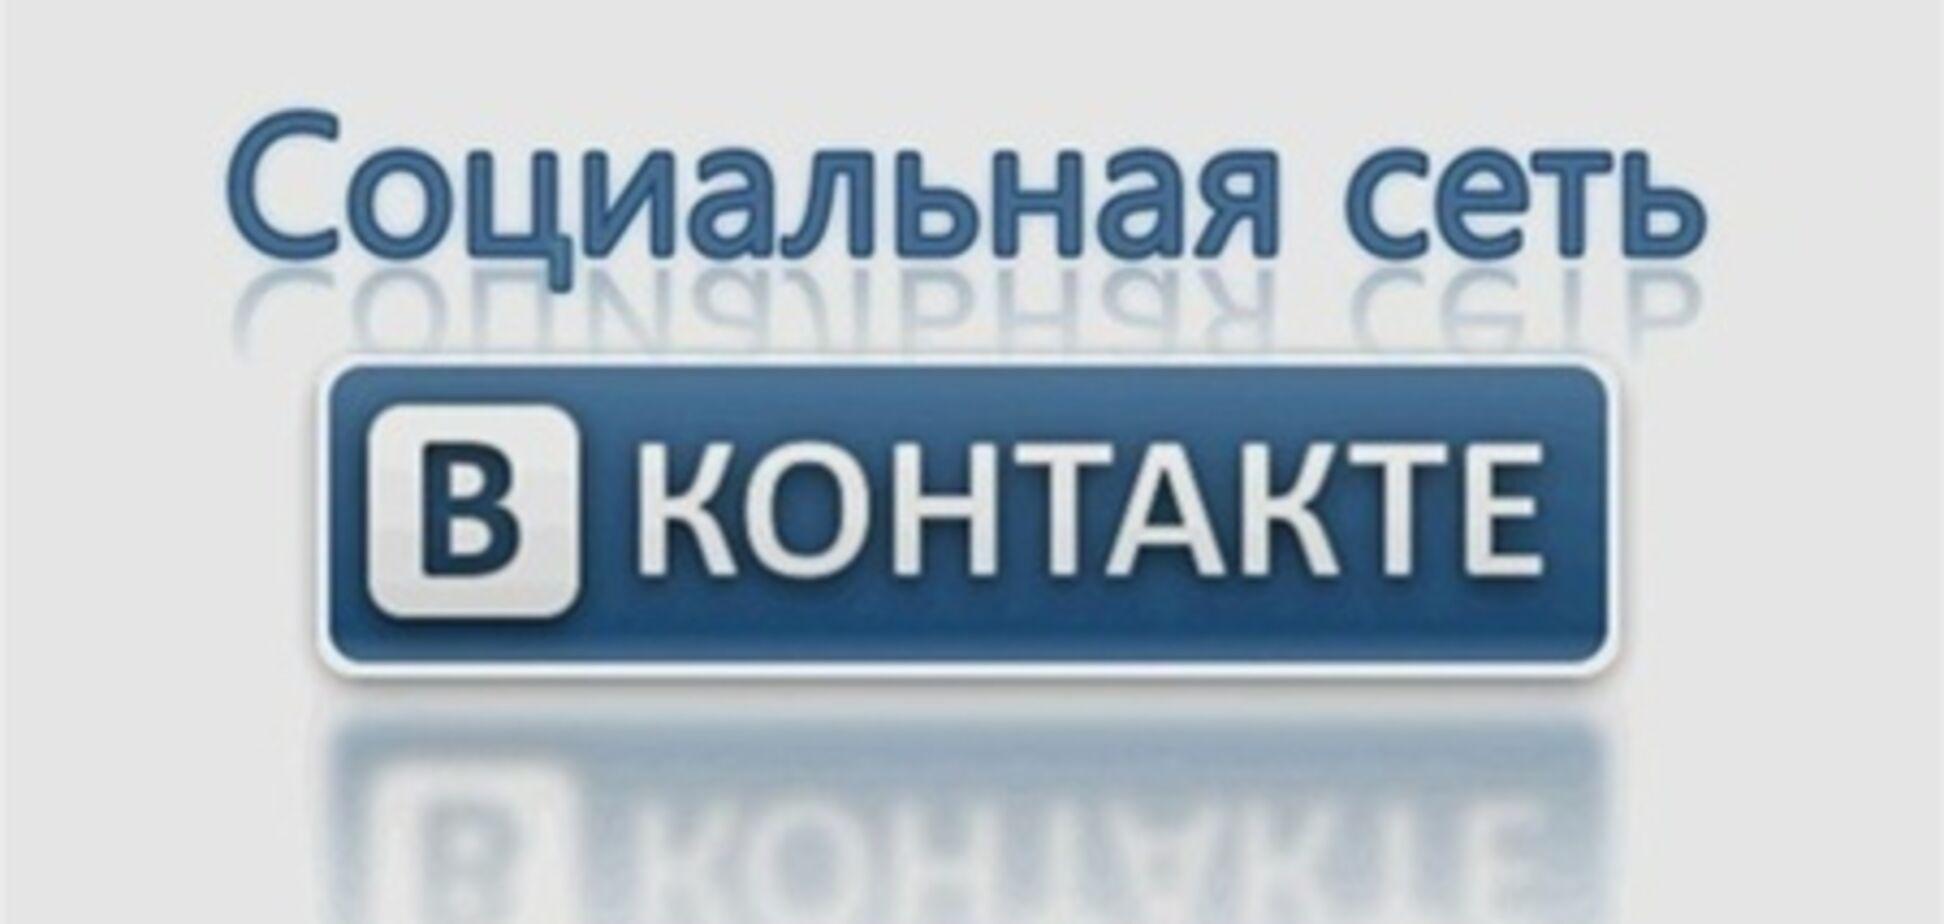 Справа проти 'ВКонтакте' відкрили, щоб продати сервера соцмережі - Дуров